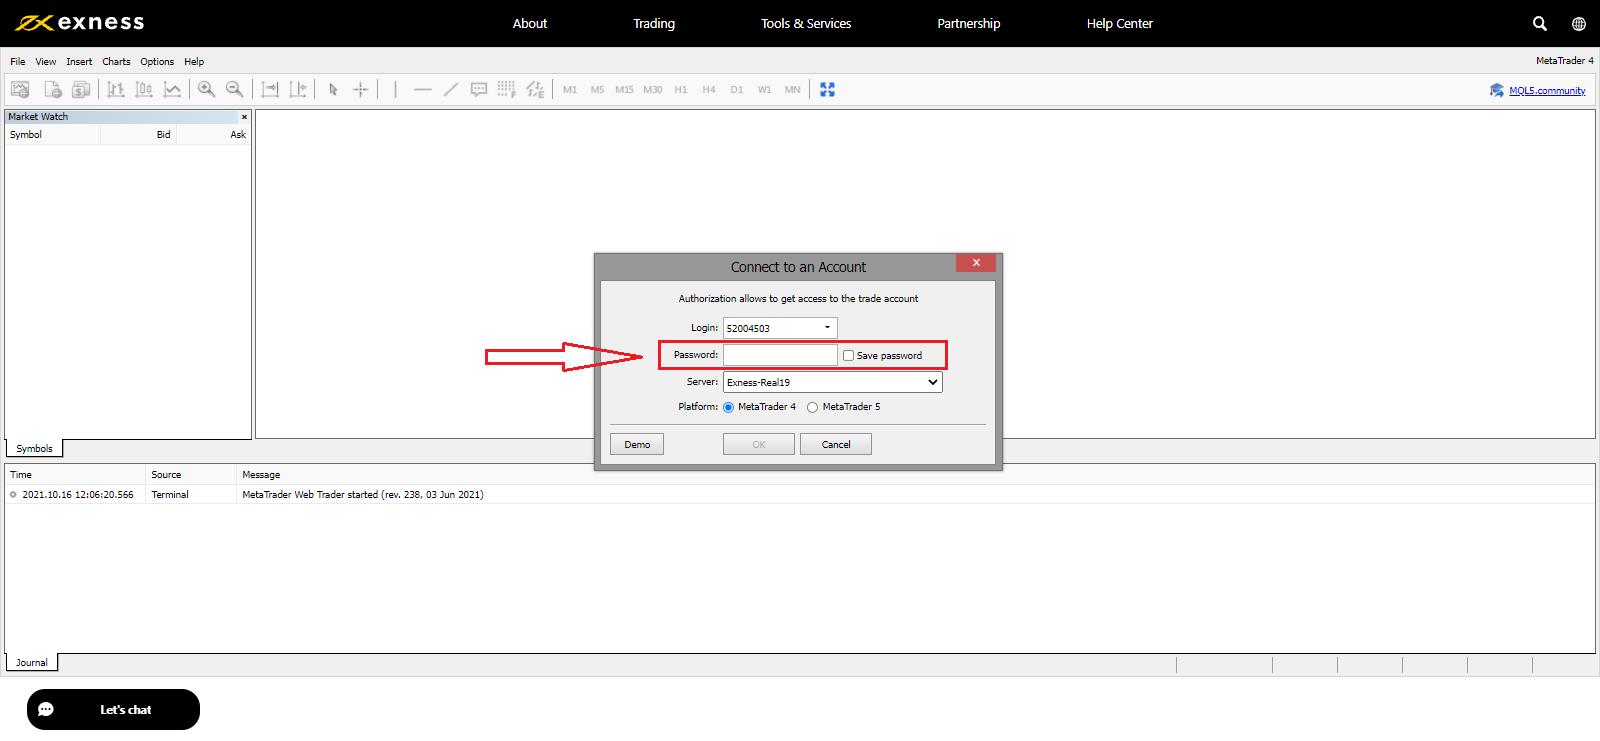 كيفية تسجيل الدخول والبدء في تداول العملات الأجنبية في شركة Exness